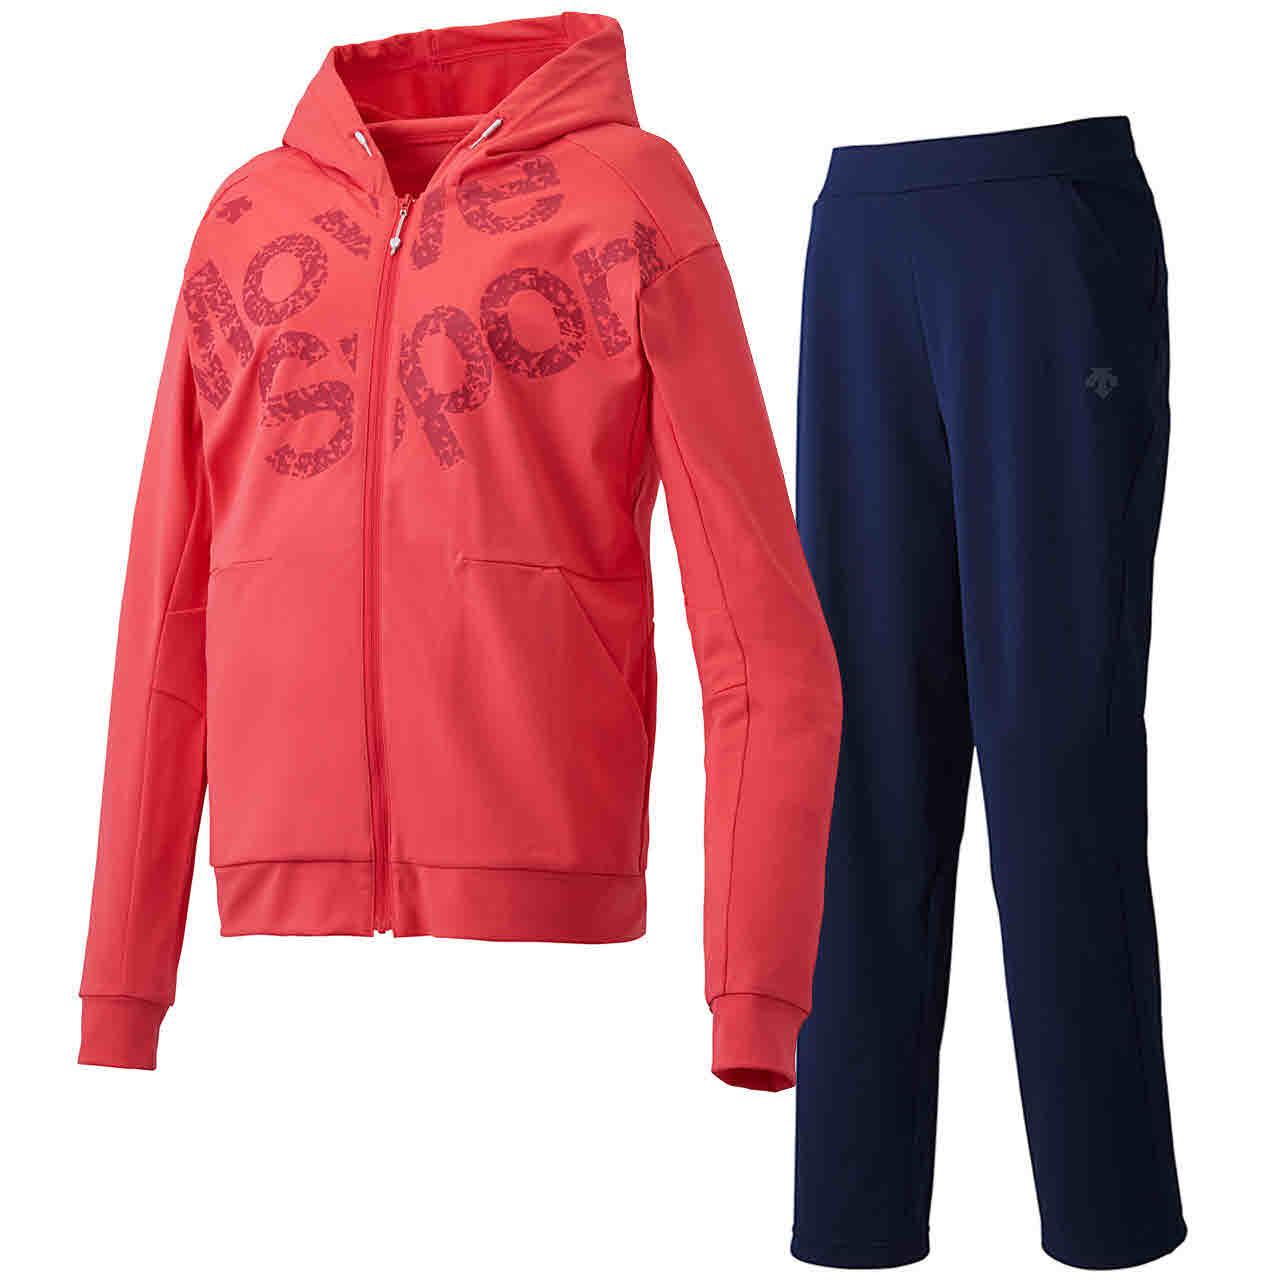 デサント DESCENTE レディース サンスクリーン トレーニングジャケット&ロングパンツ上下セット ピンク×ネイビー